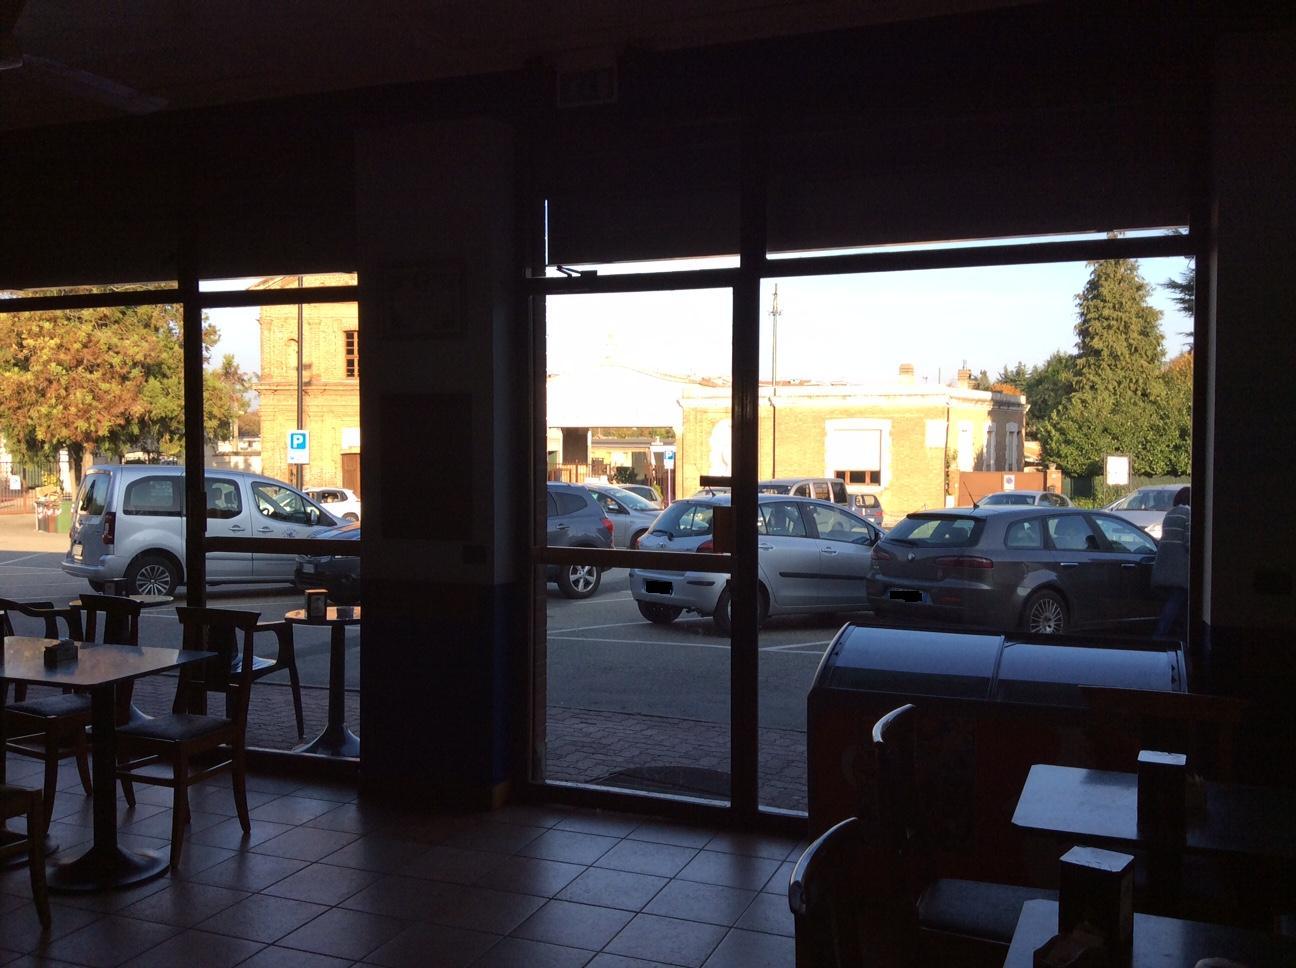 Negozio / Locale in vendita a Rivoli, 9999 locali, zona Località: Centro, prezzo € 120.000 | Cambio Casa.it